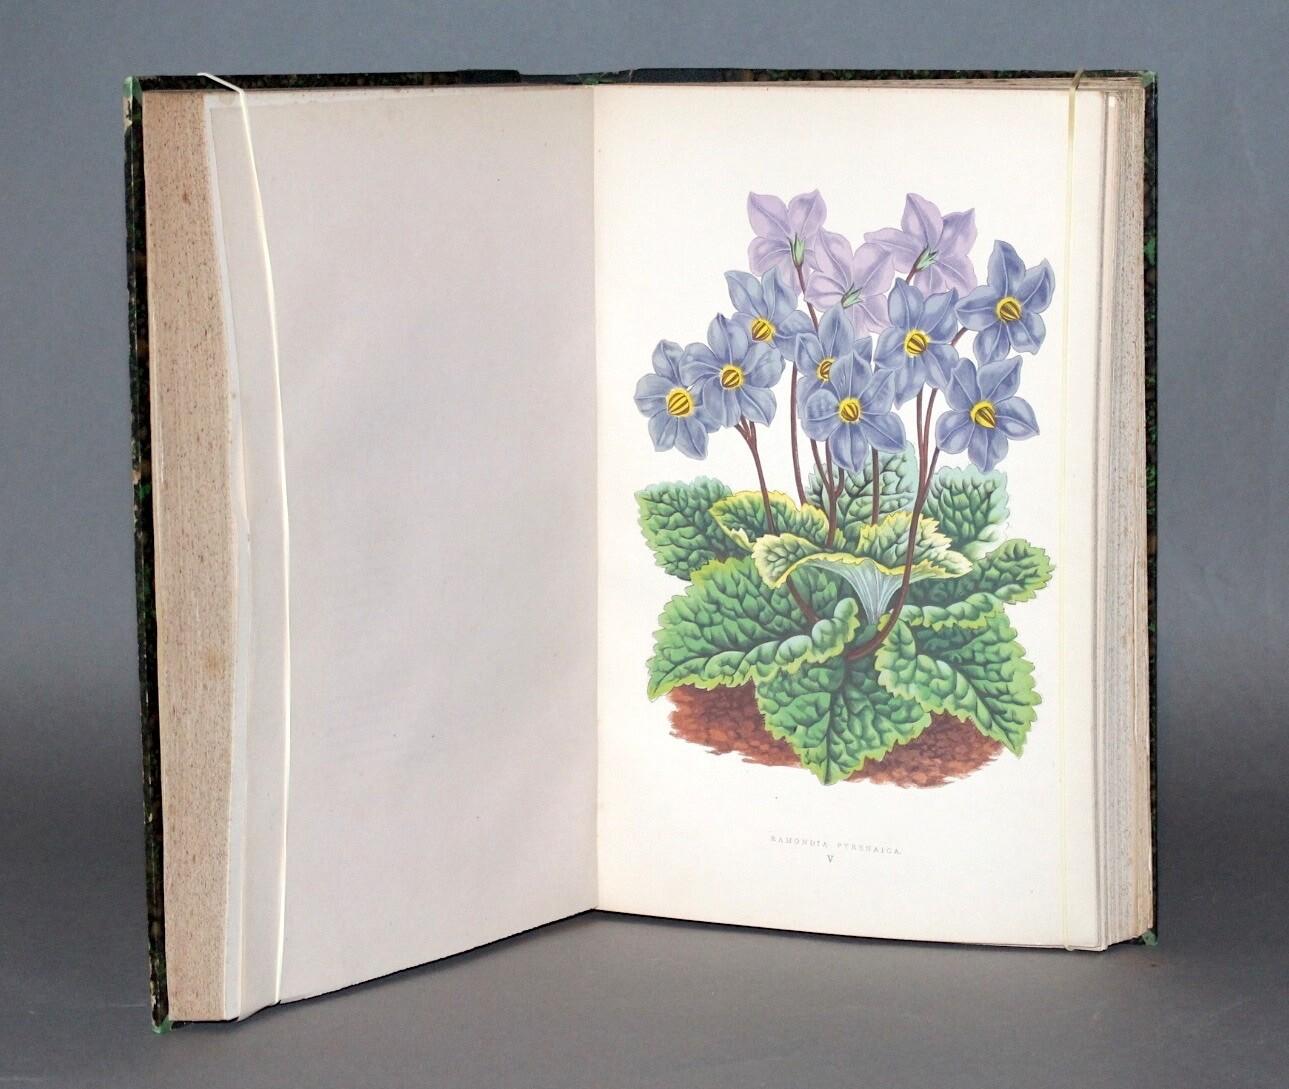 VERLOT, Bernard.- Les Plantes alpines, 1873. 50 planches en couleurs montrant les plus belles fleurs des montagnes.